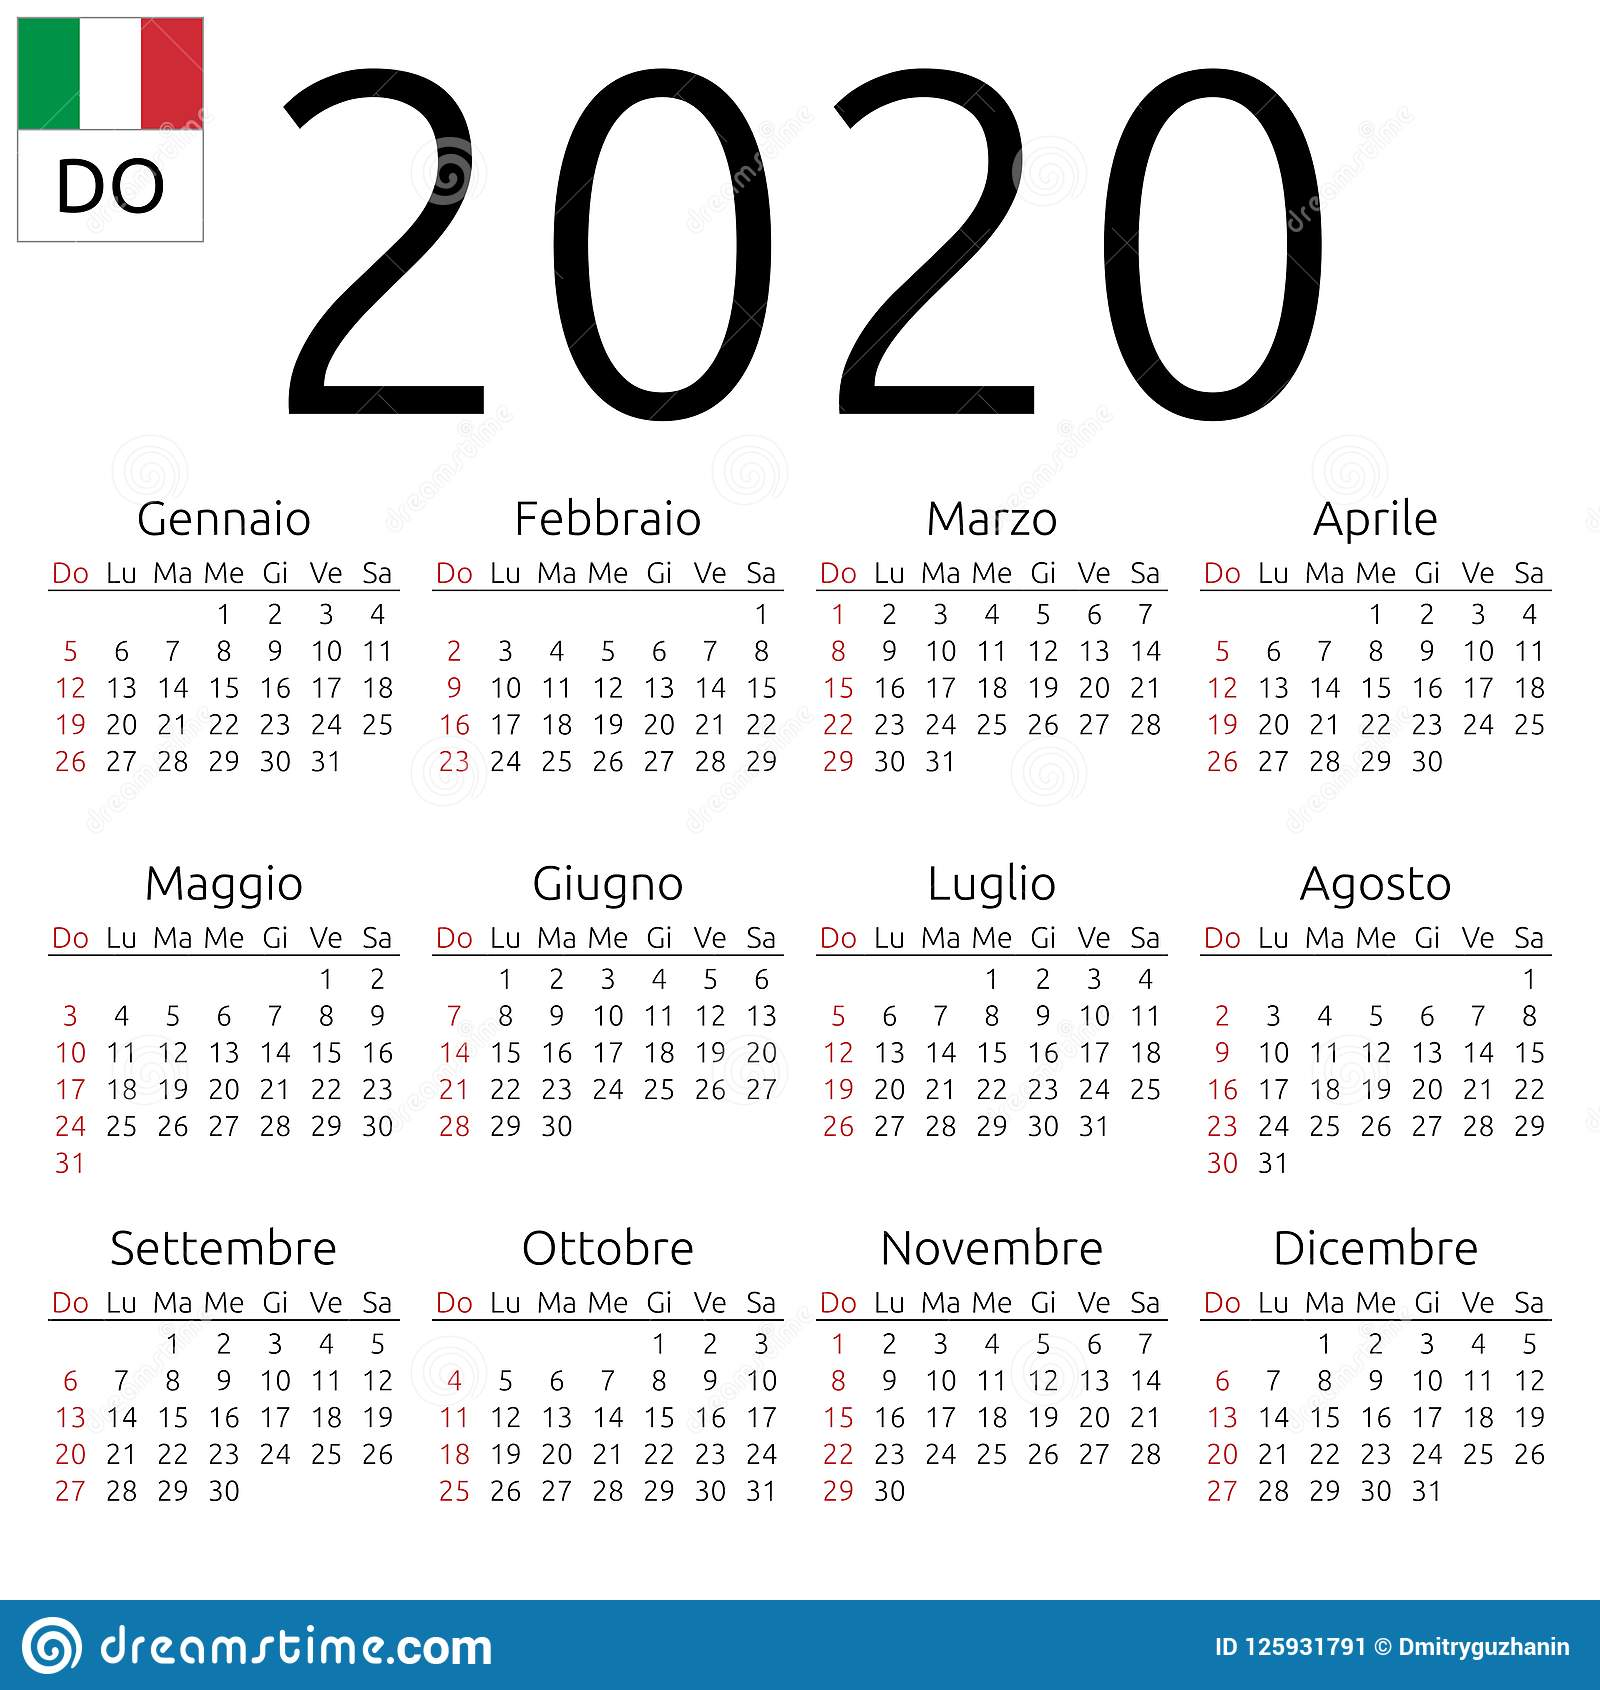 Calendario Italiano 2020 Con Festivita.Calendario 2020 Italiano Domenica Illustrazione Vettoriale